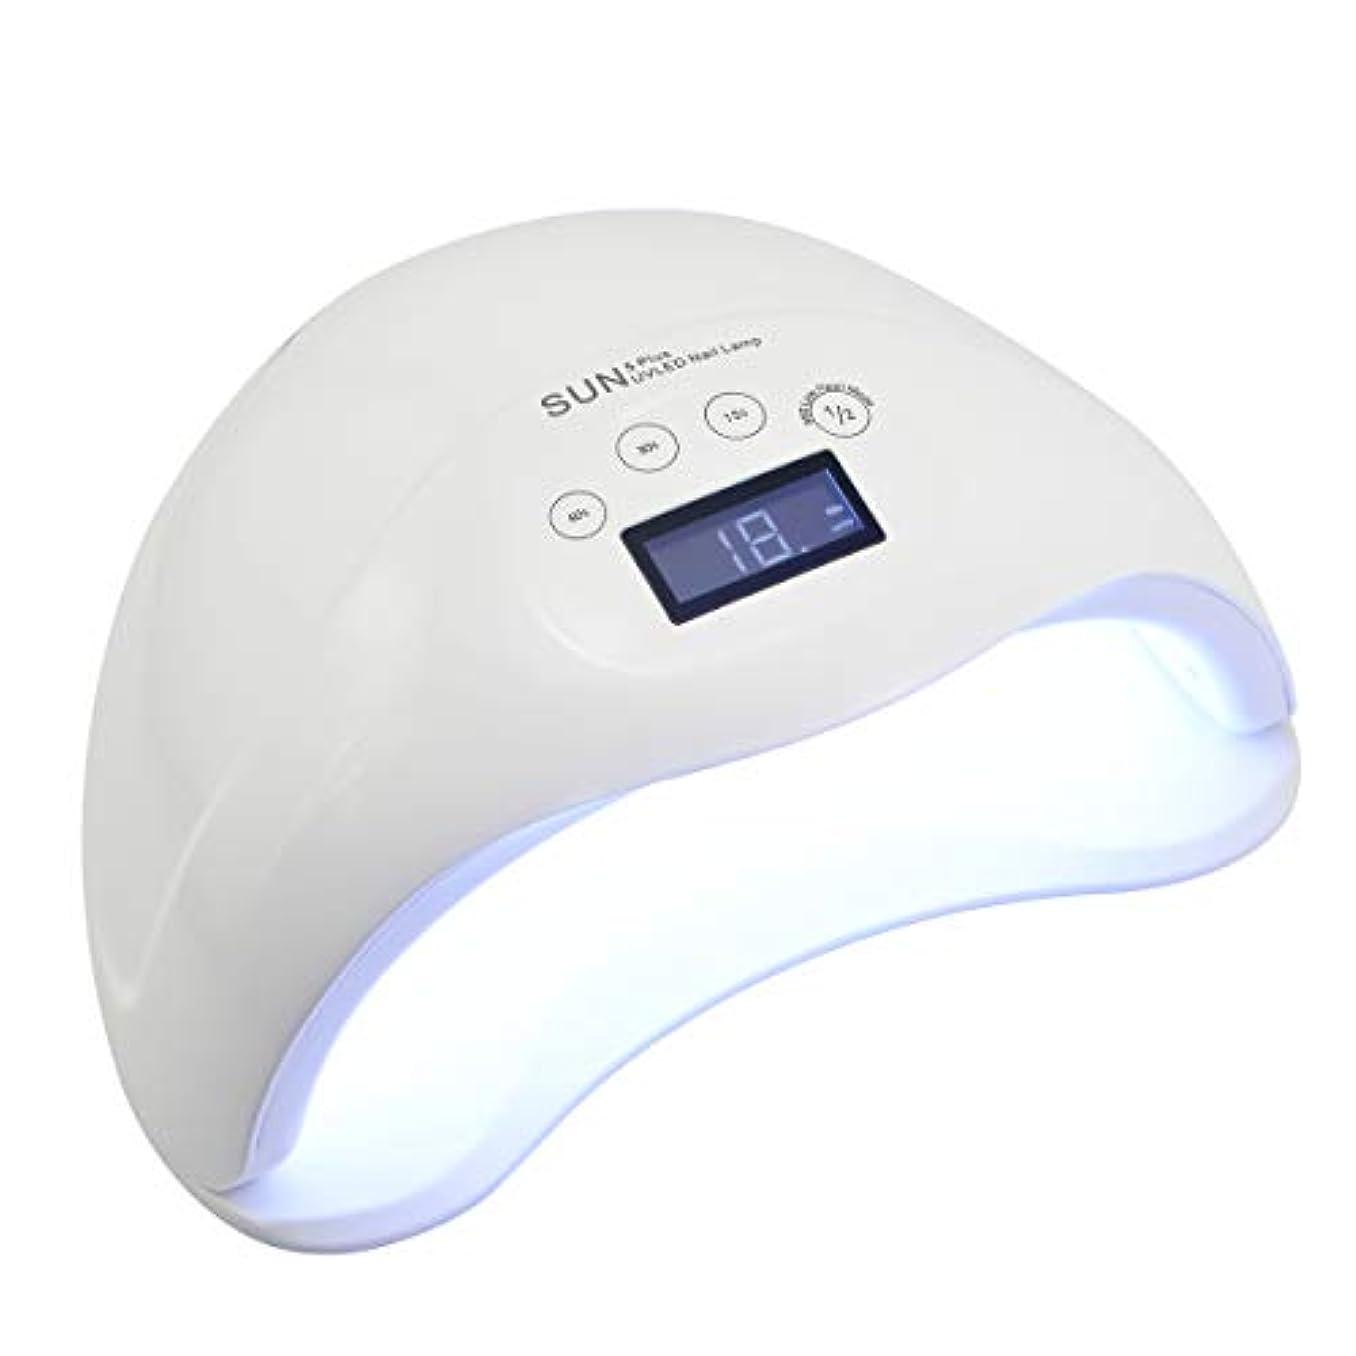 目覚める対称遺跡ネイルドライヤー kawakawa 硬化ライト 48W UV/LEDライト 高速硬化 自動センサー マニキュア ジェルネイル用 4段階タイマー 赤外線検知(ホワイト) 日本語取扱説明書付き